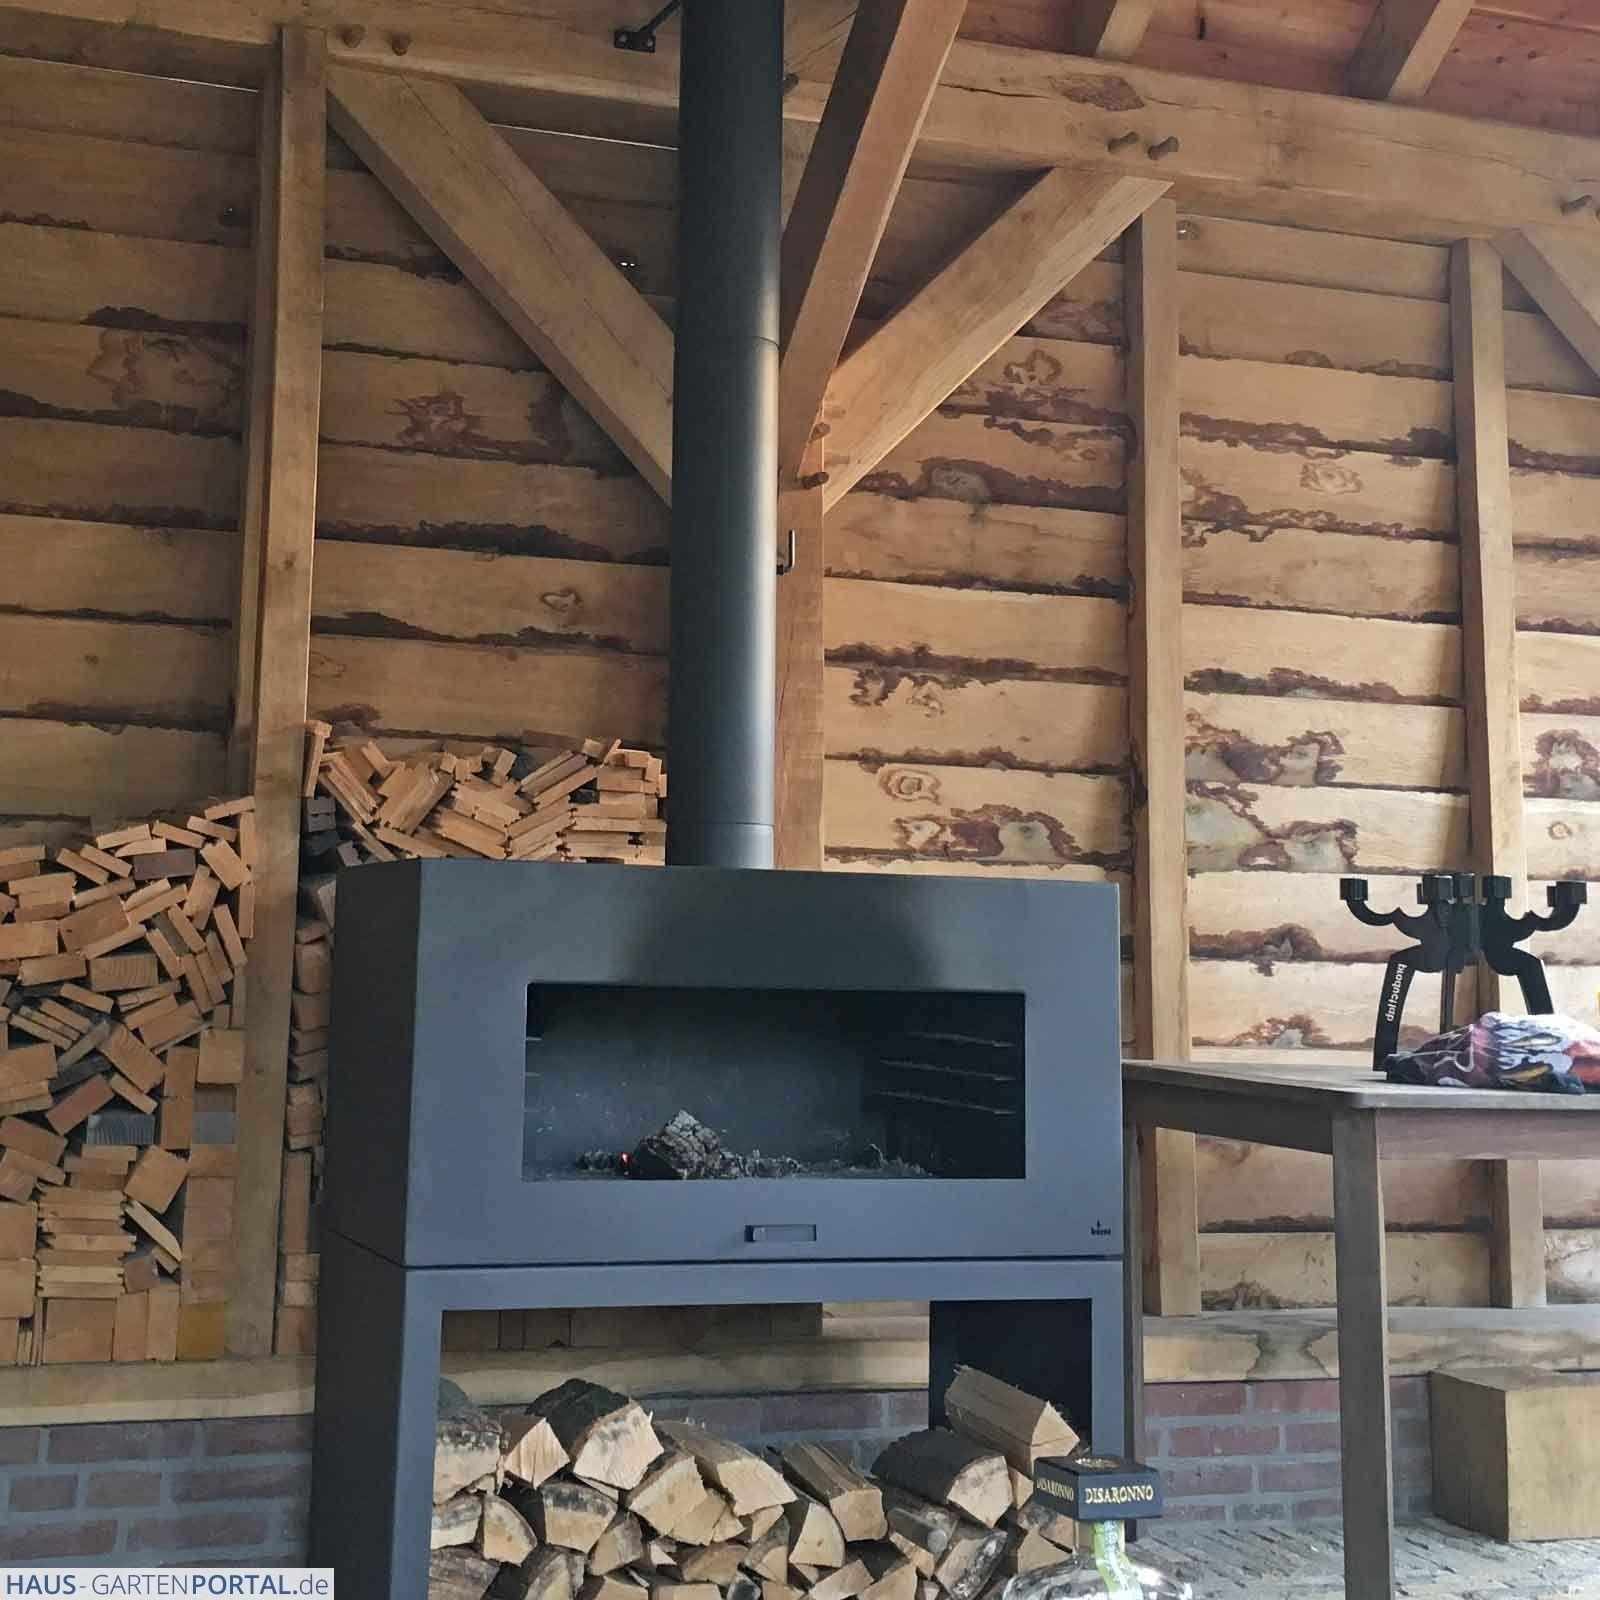 Full Size of Holzlege Cortenstahl Garten Grillkamin Odin Feuerstelle Schwarz Wohnzimmer Holzlege Cortenstahl